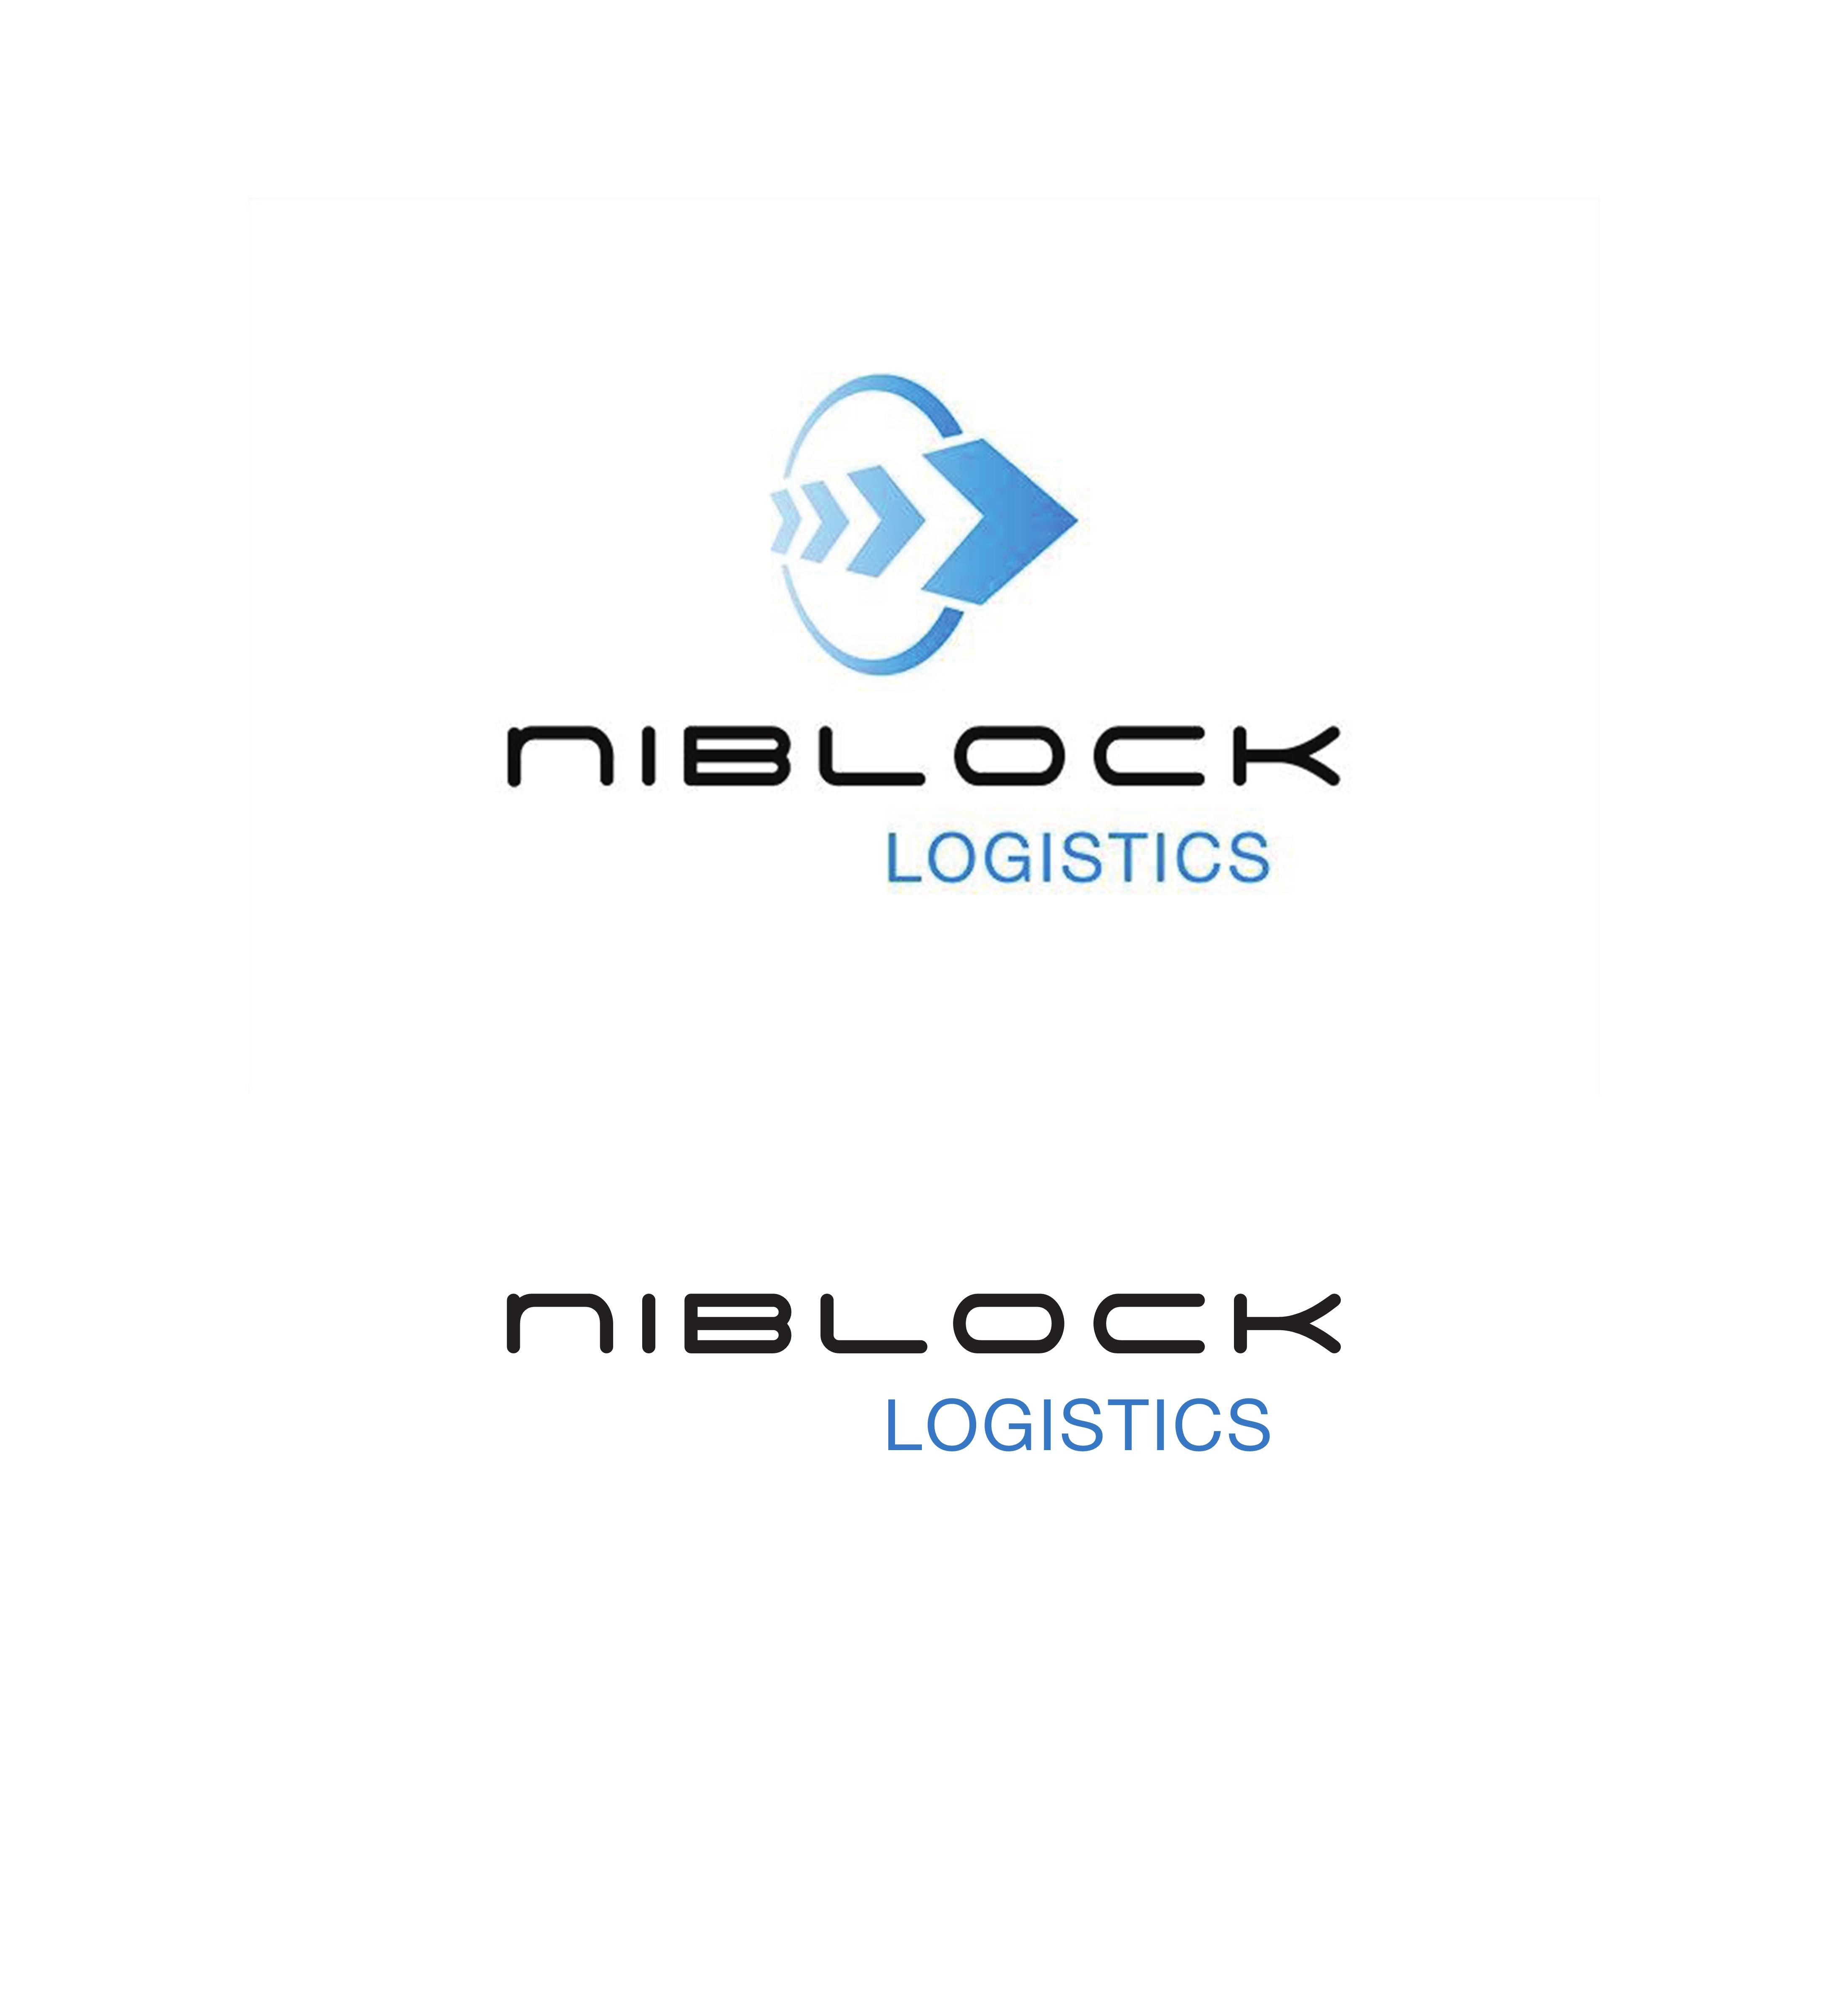 Niblock Logistics